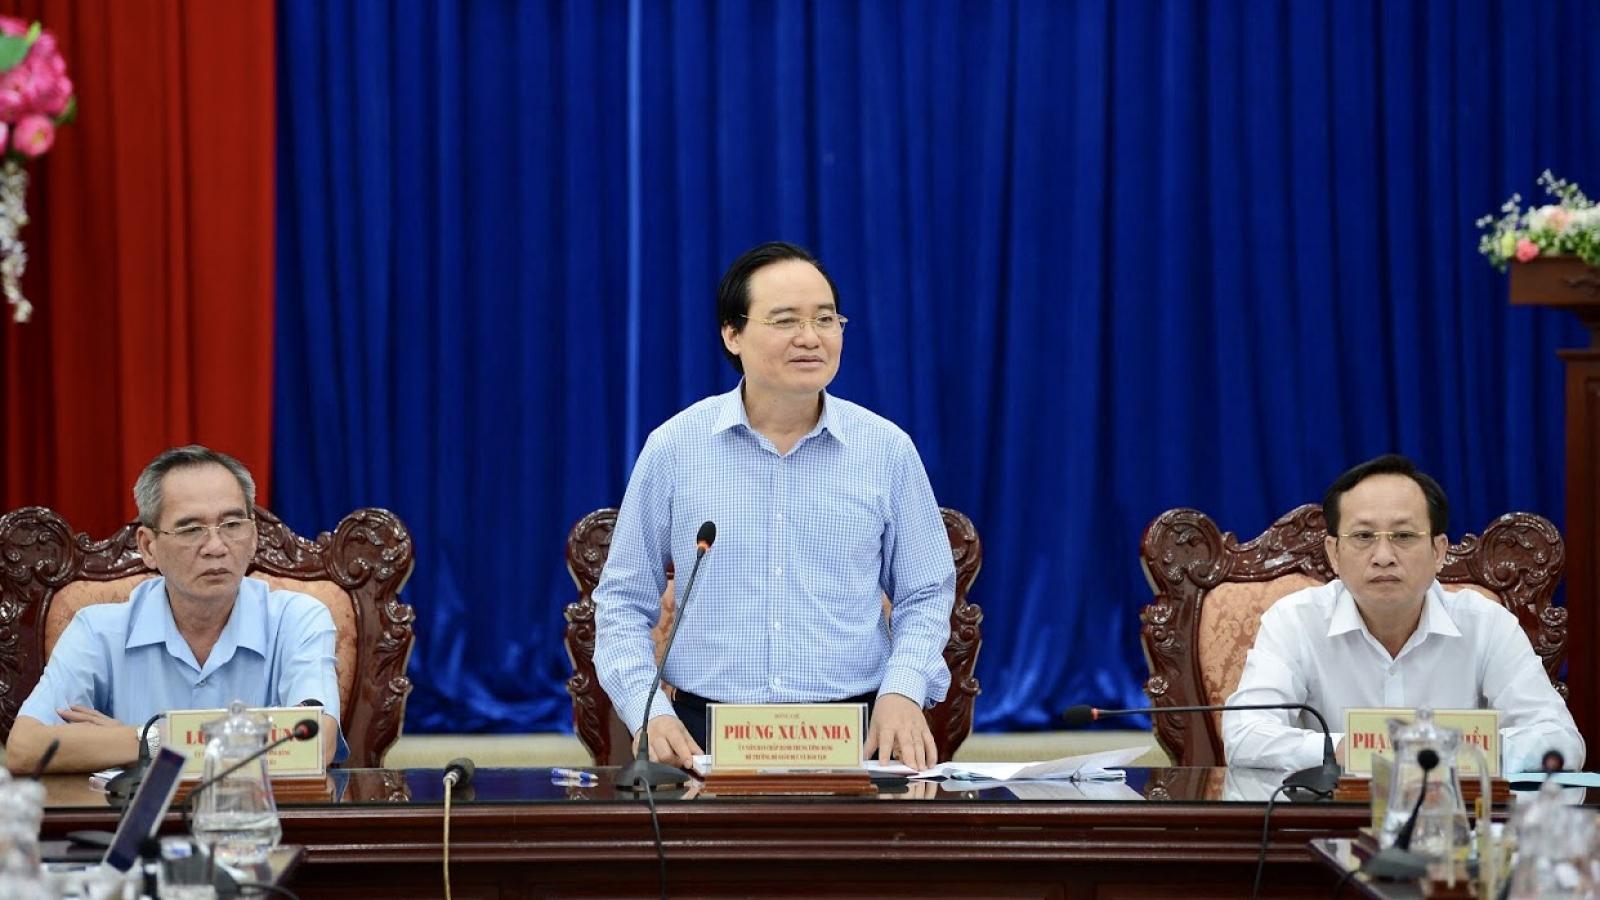 Bộ trưởng Bộ Giáo dục và Đào tạo Phùng Xuân Nhạ làm việc tại tỉnh Bạc Liêu